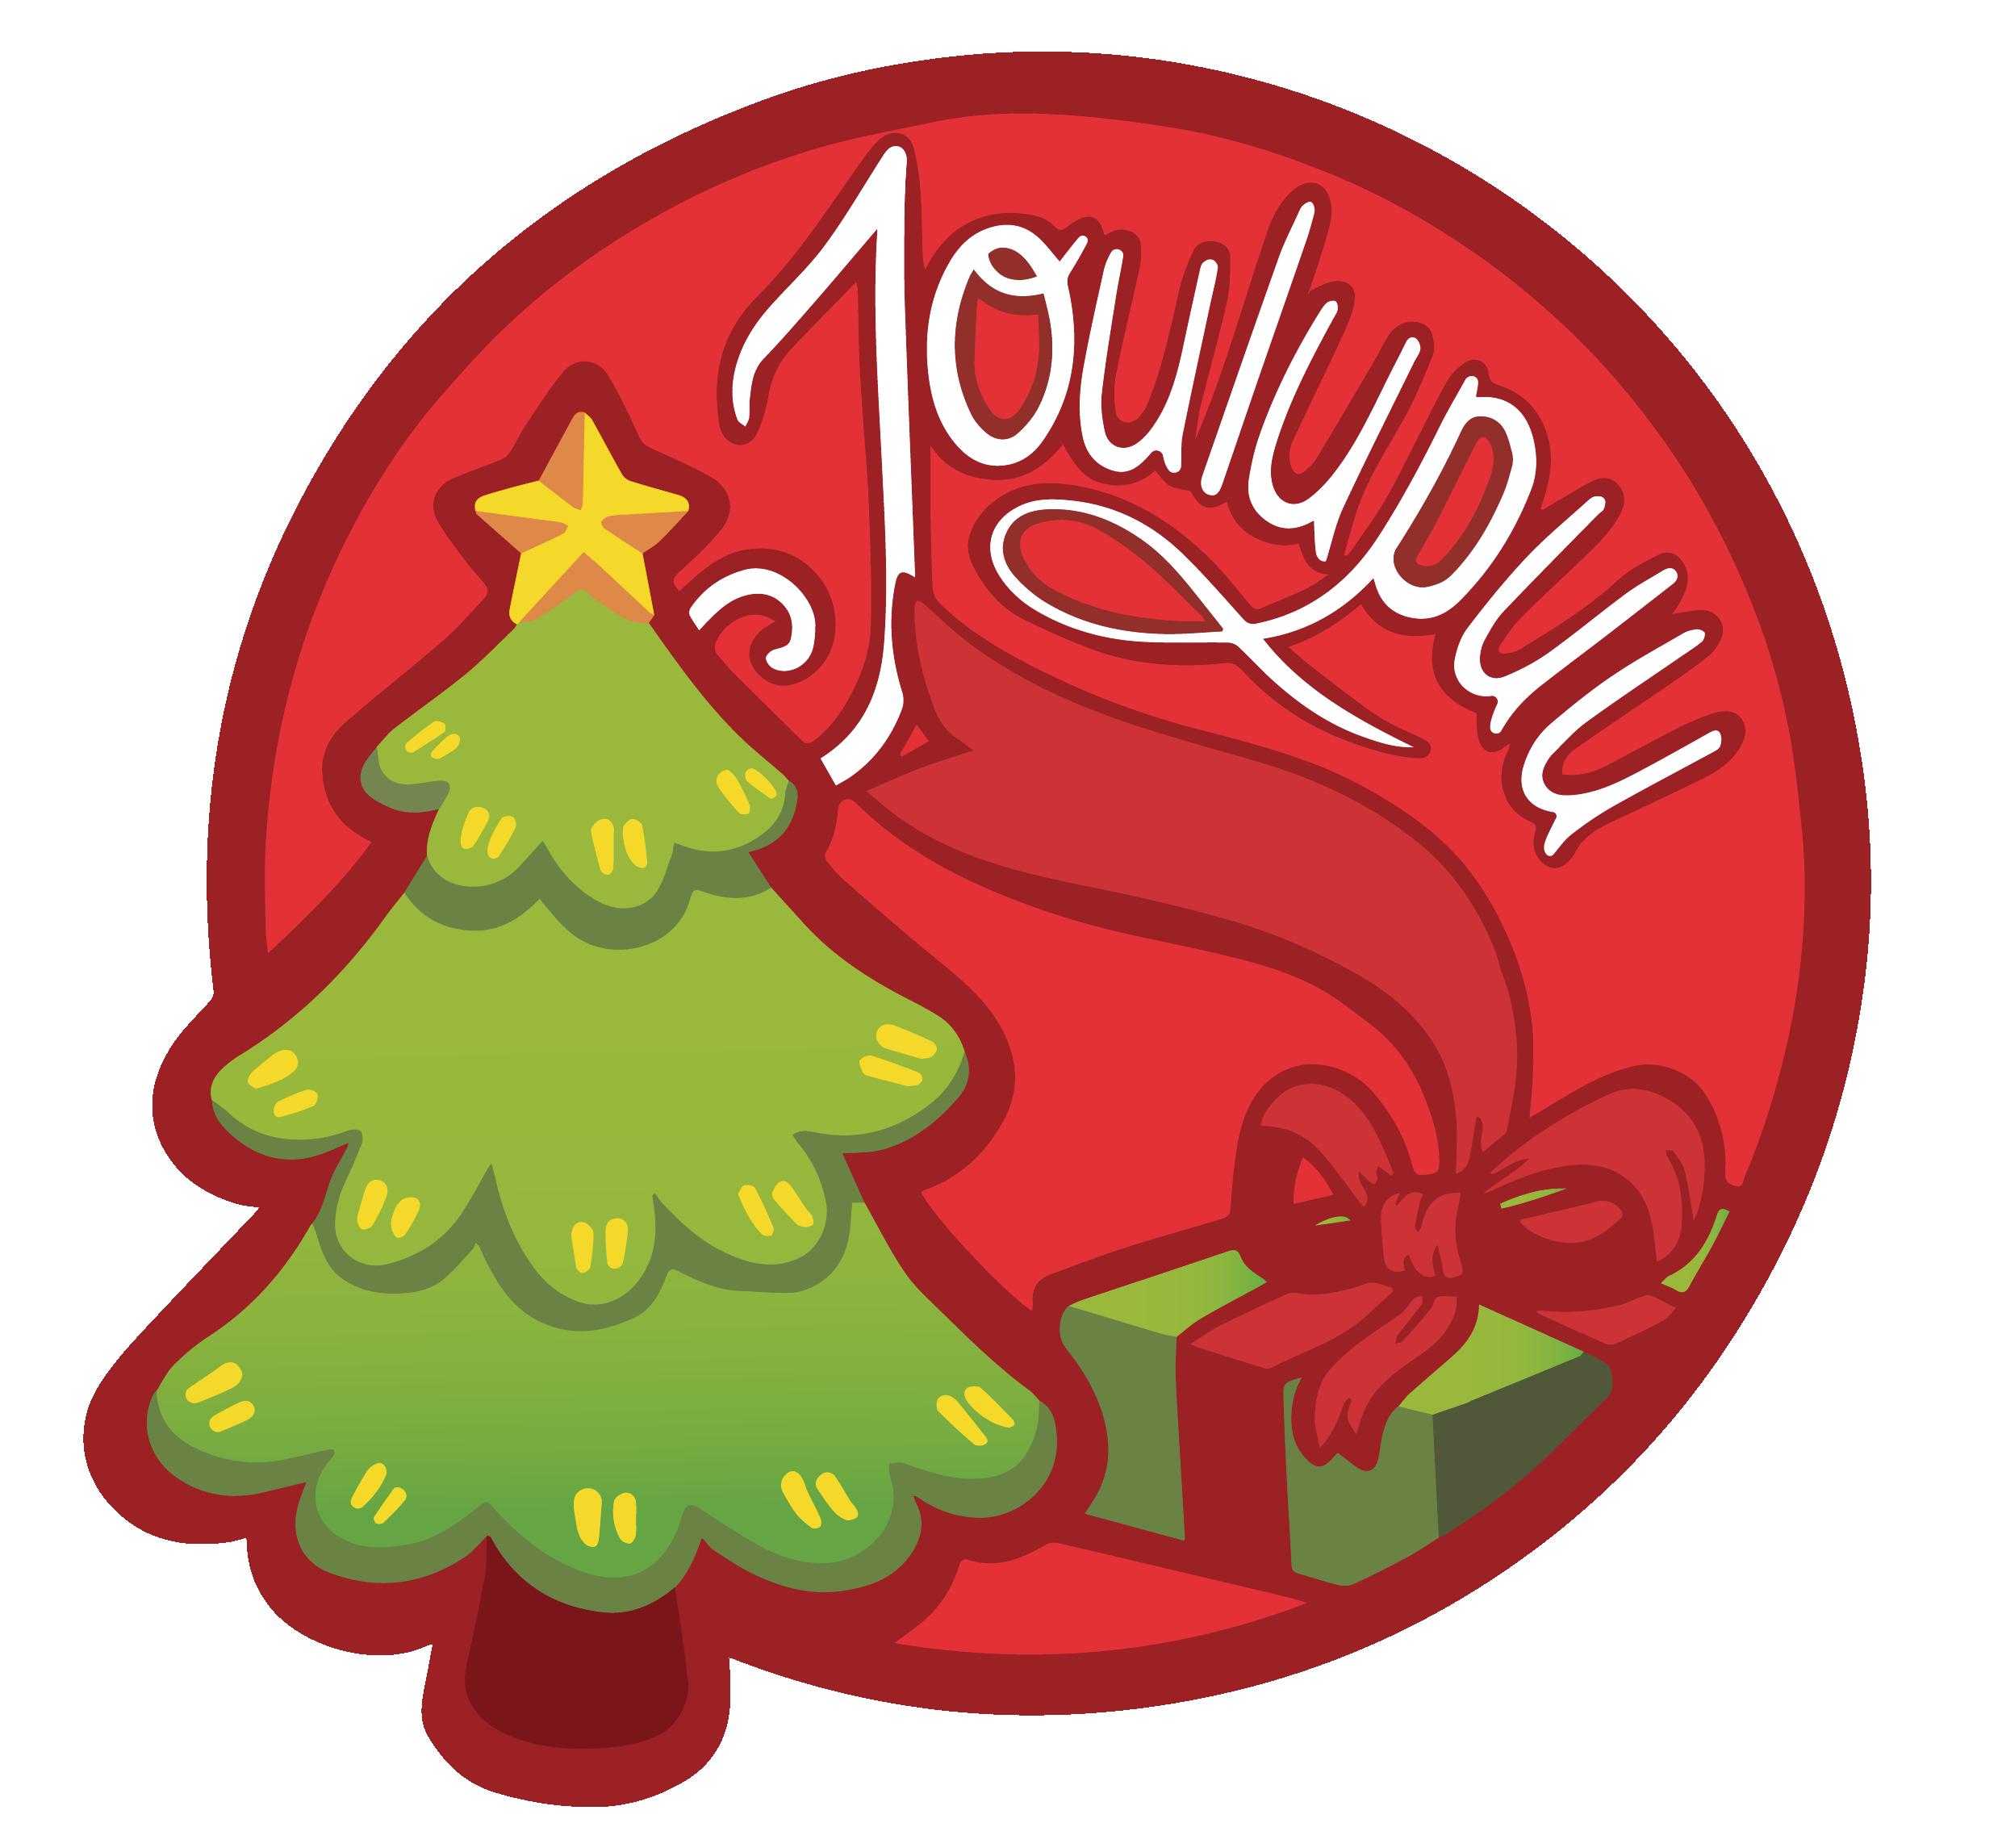 Joulupuu_logo_RGB_PNG